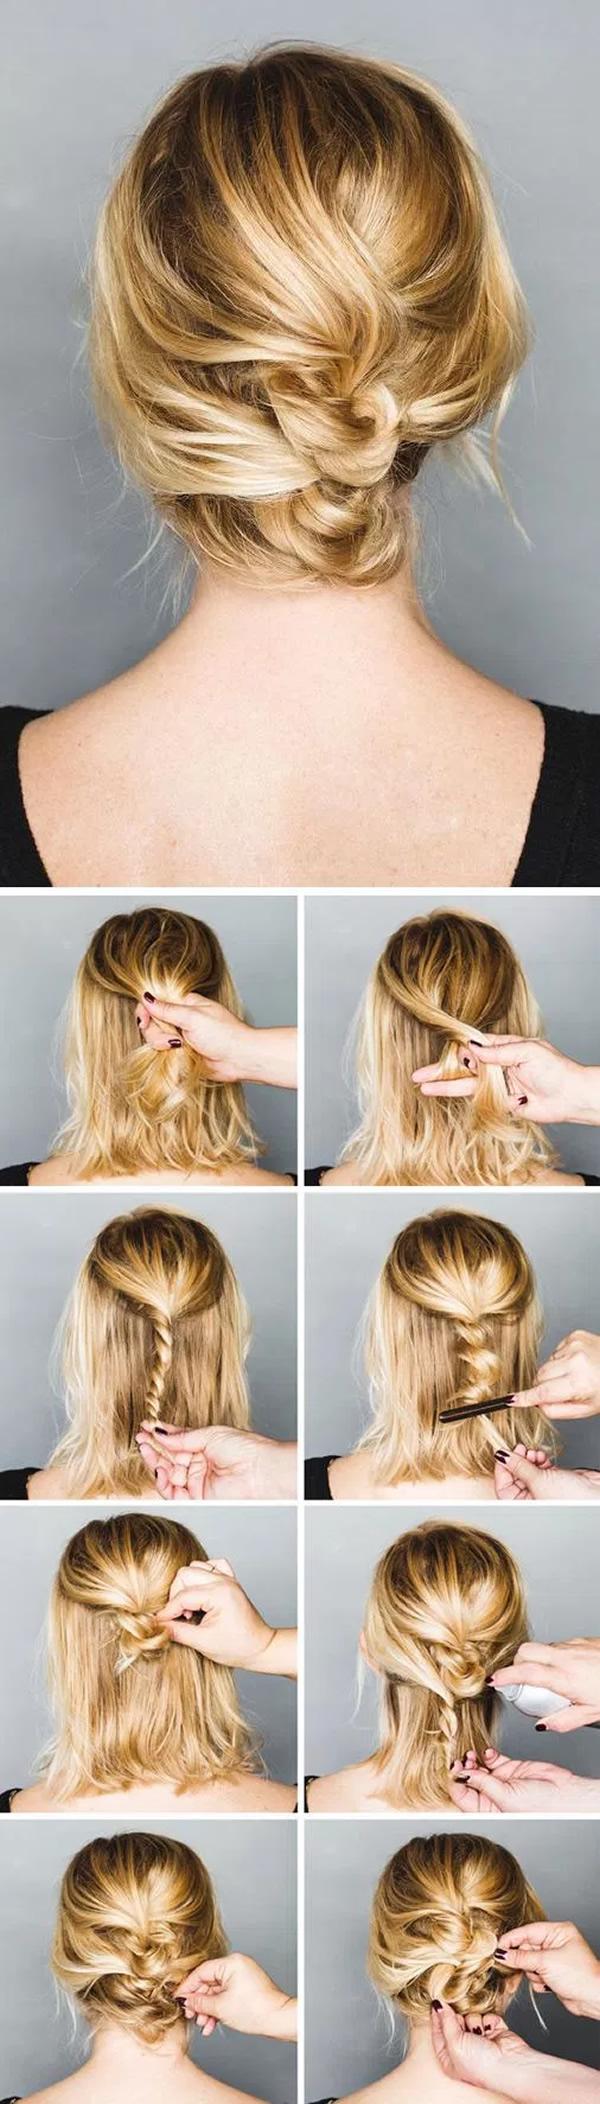 Ideas de Peinados para Cabello Corto